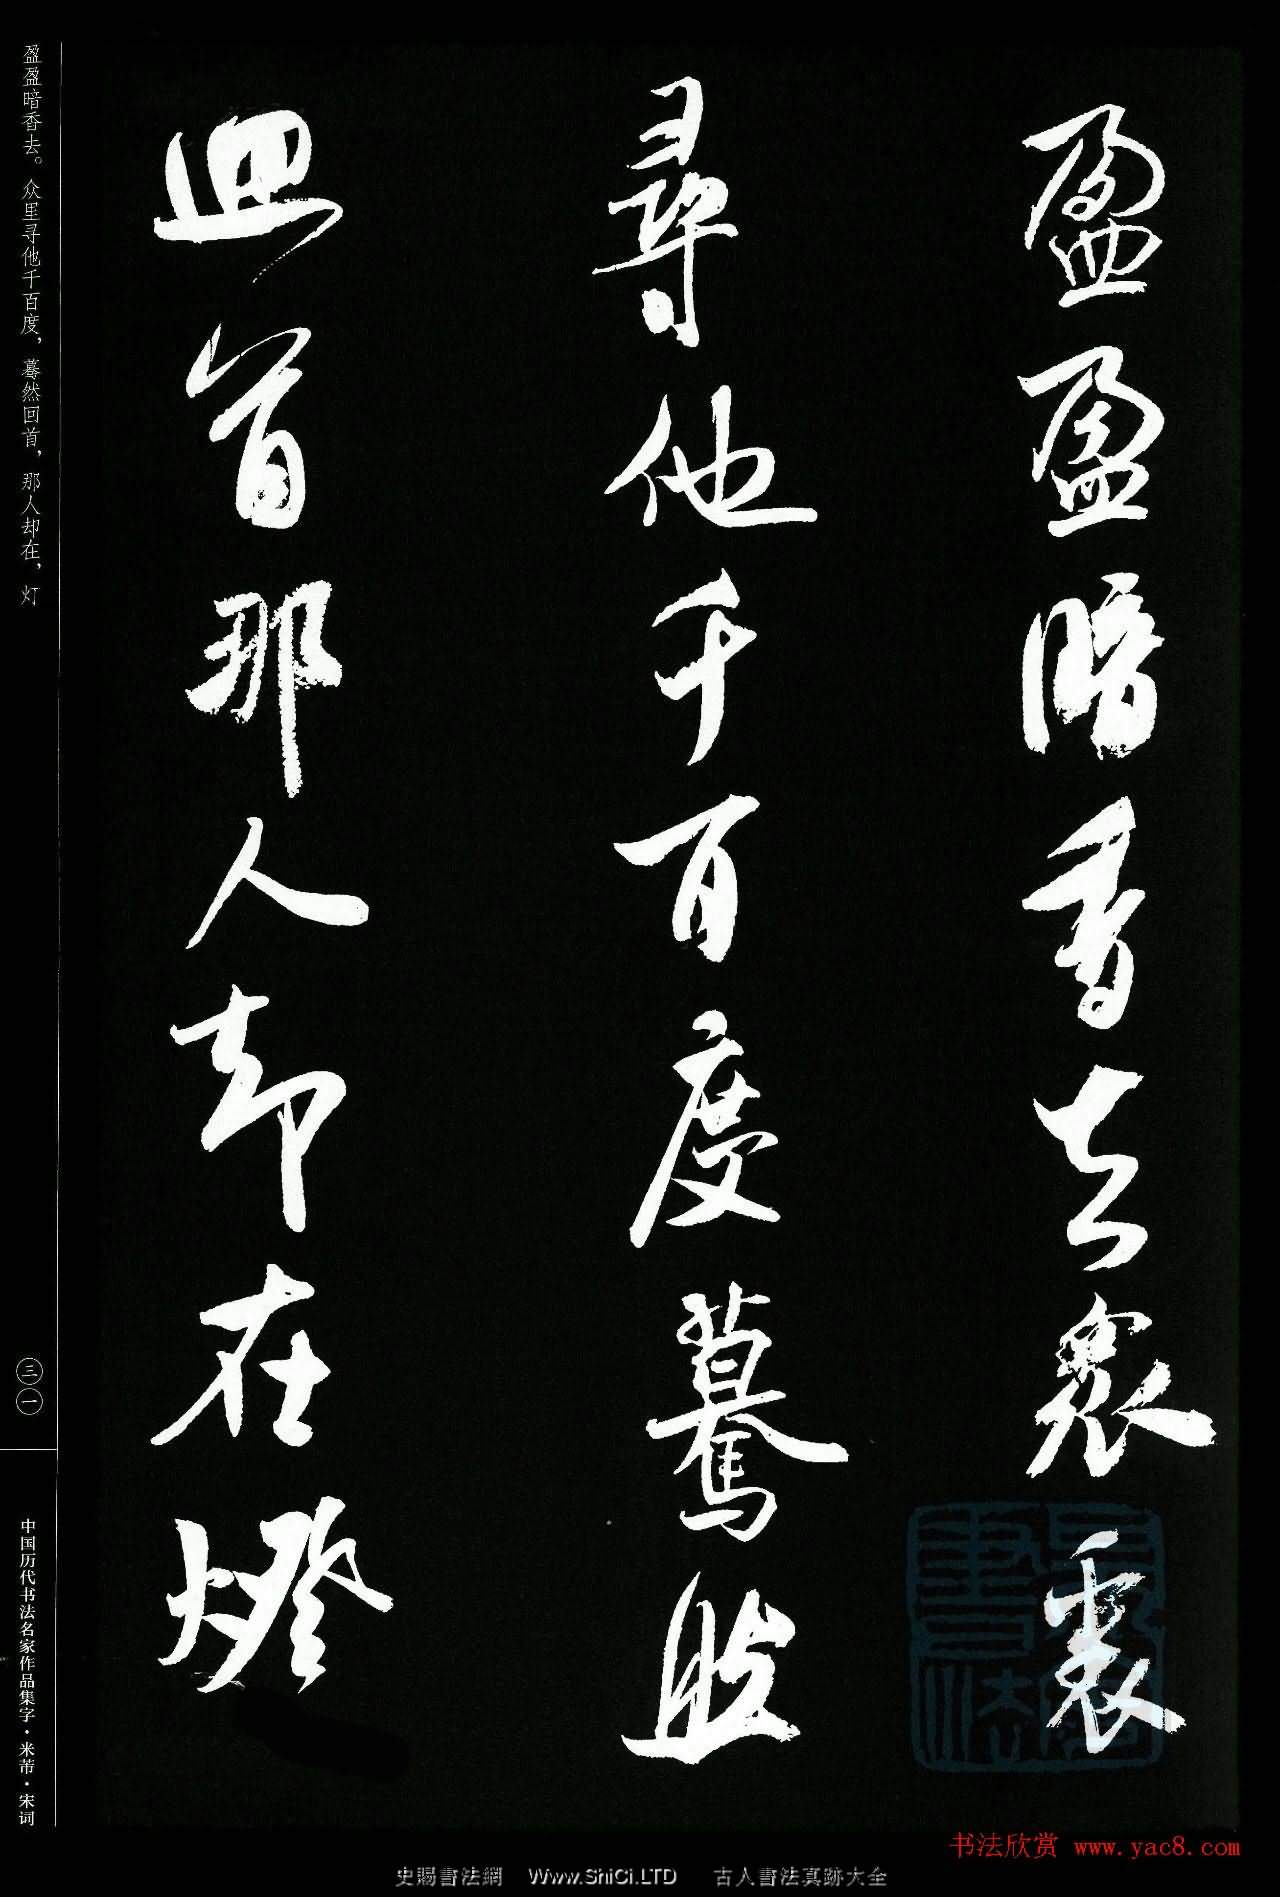 米芾行書集字宋詞21首